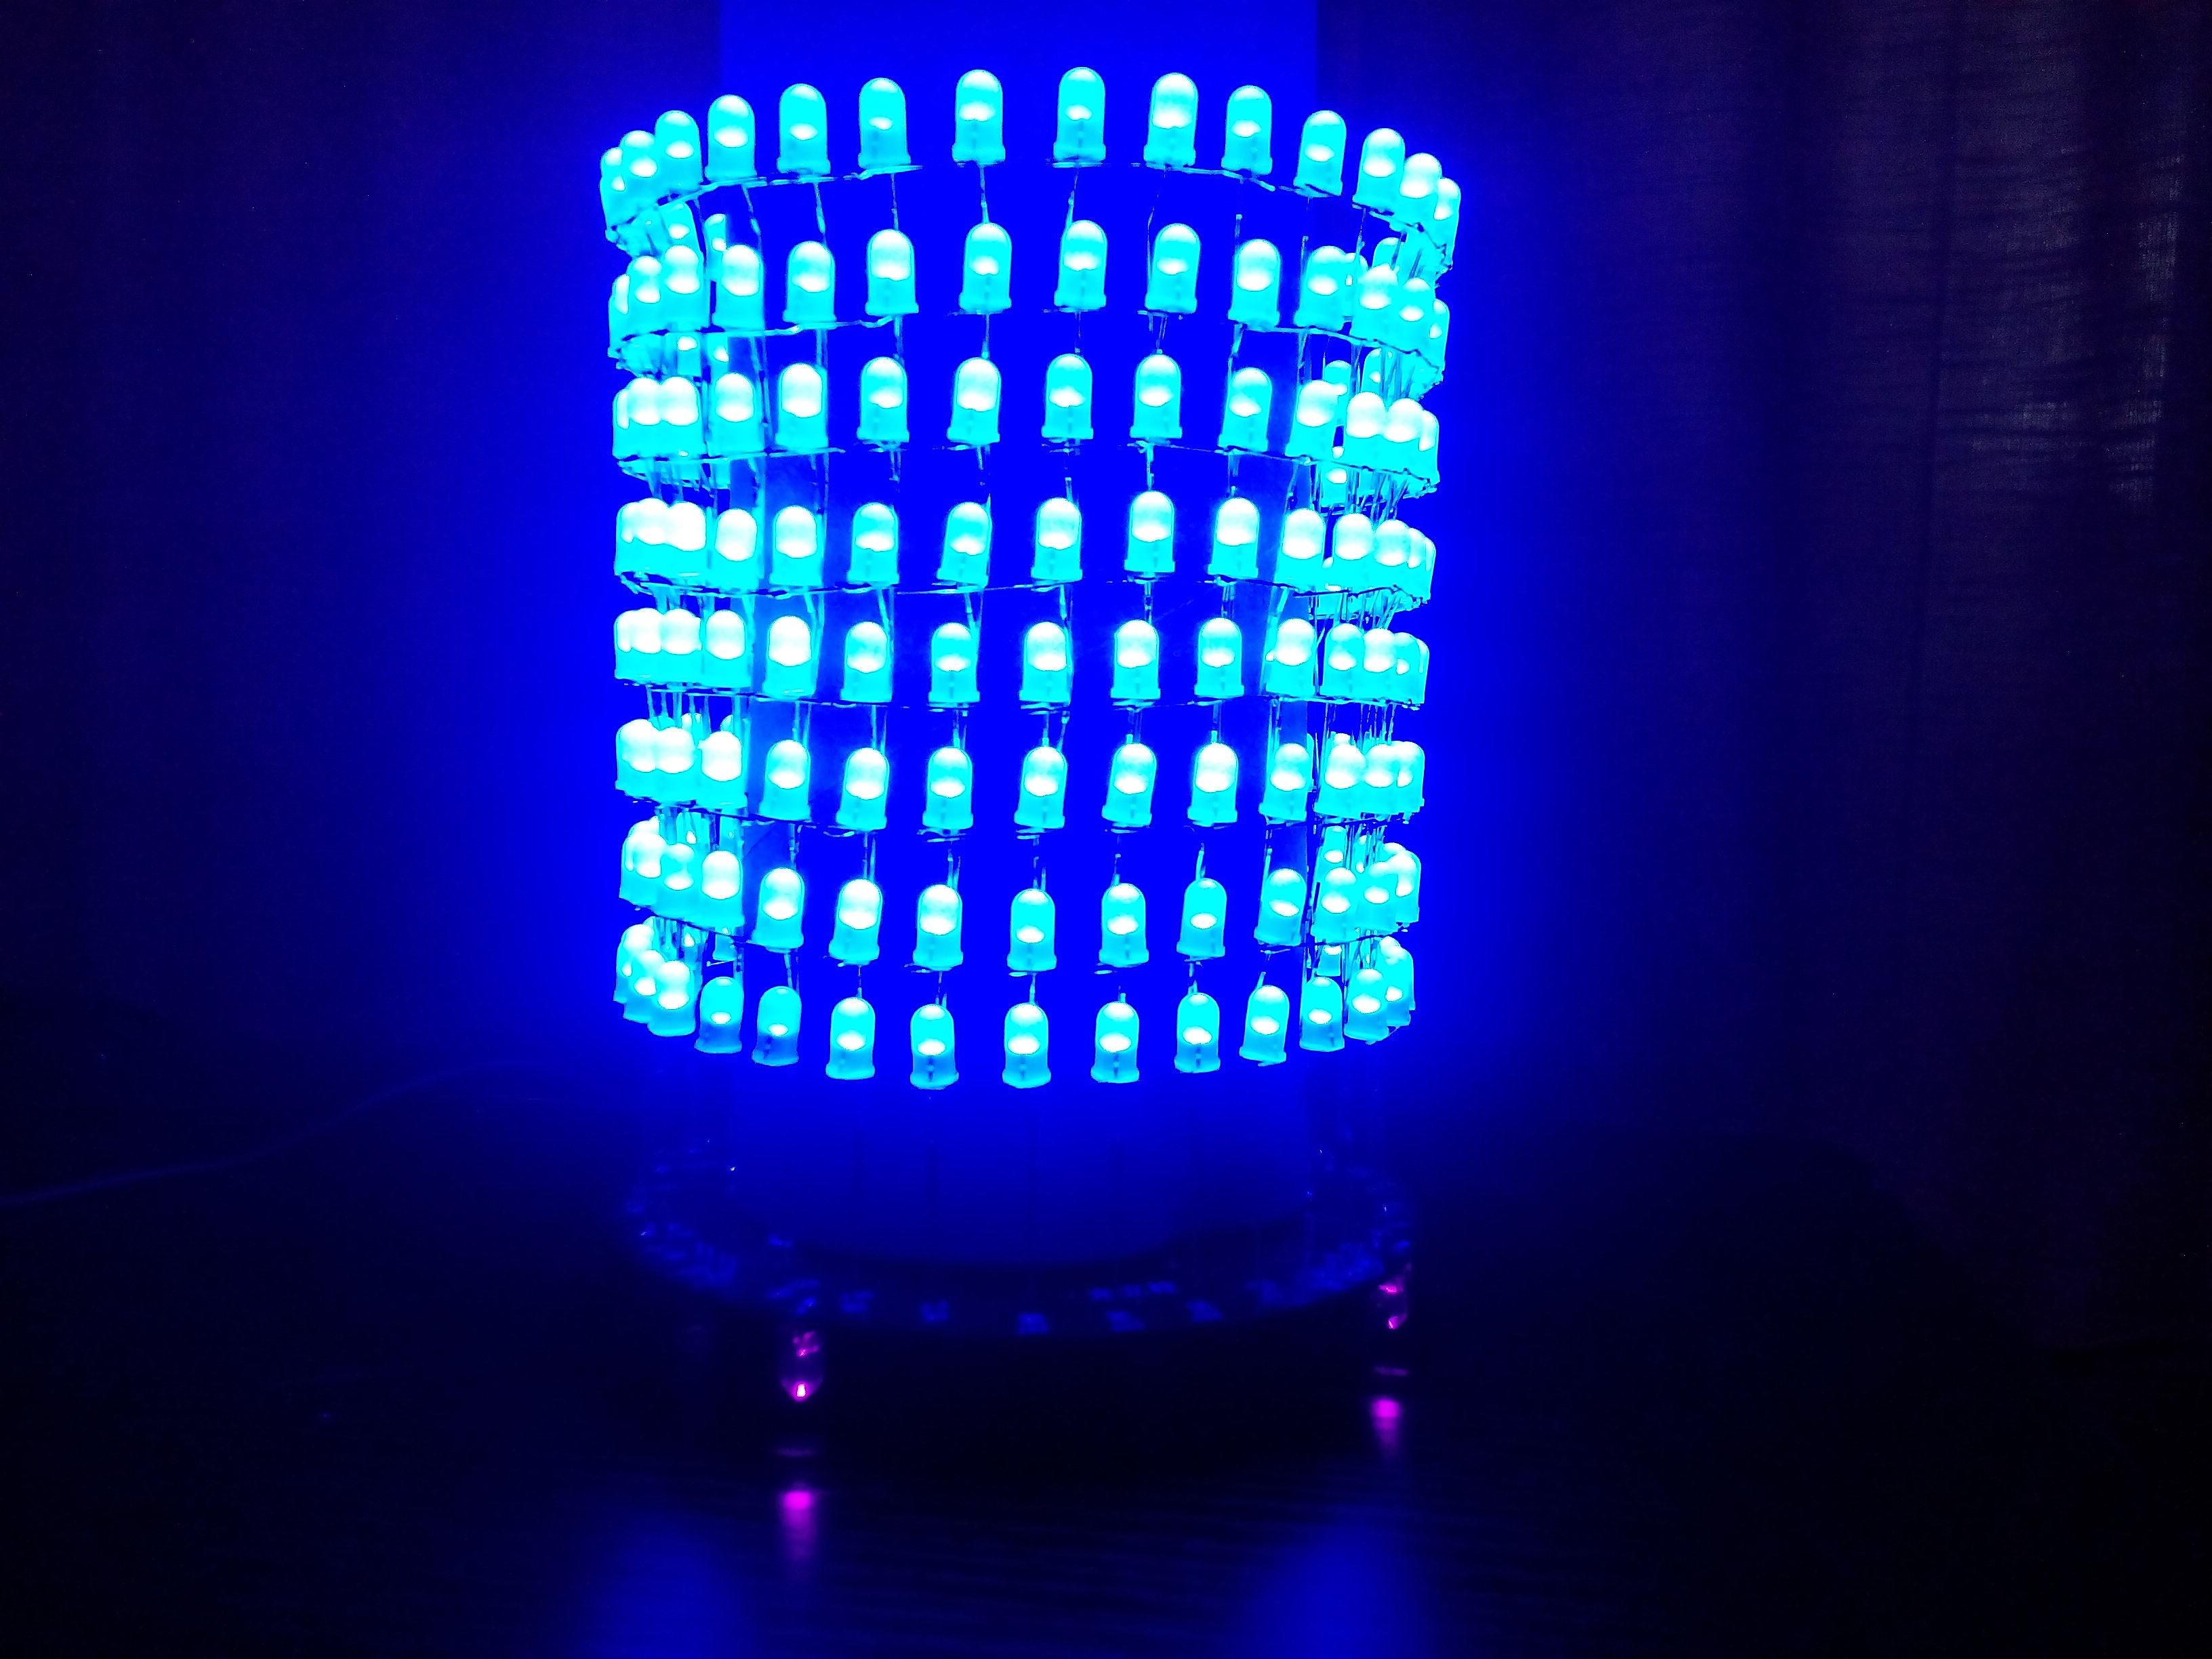 梦幻光立圈 led光立方 音乐频谱8x32圆形点阵电子diy